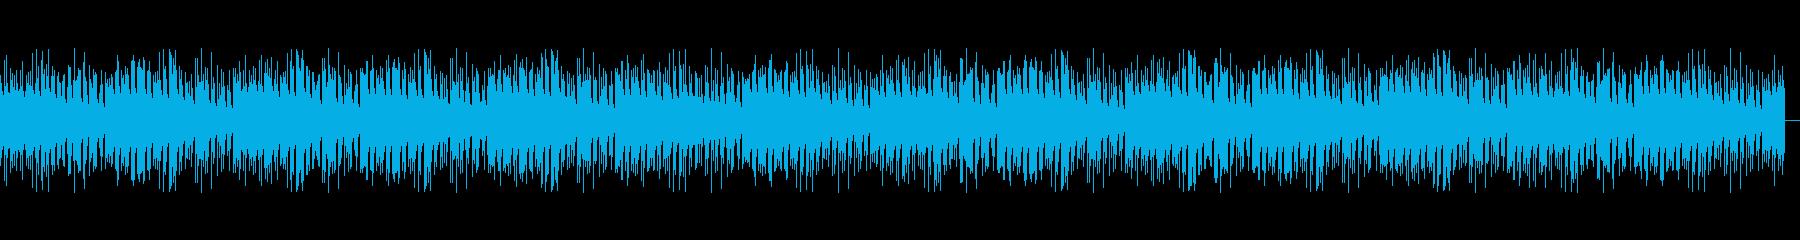 BGMウクレレ、ナレーションほのぼのの再生済みの波形